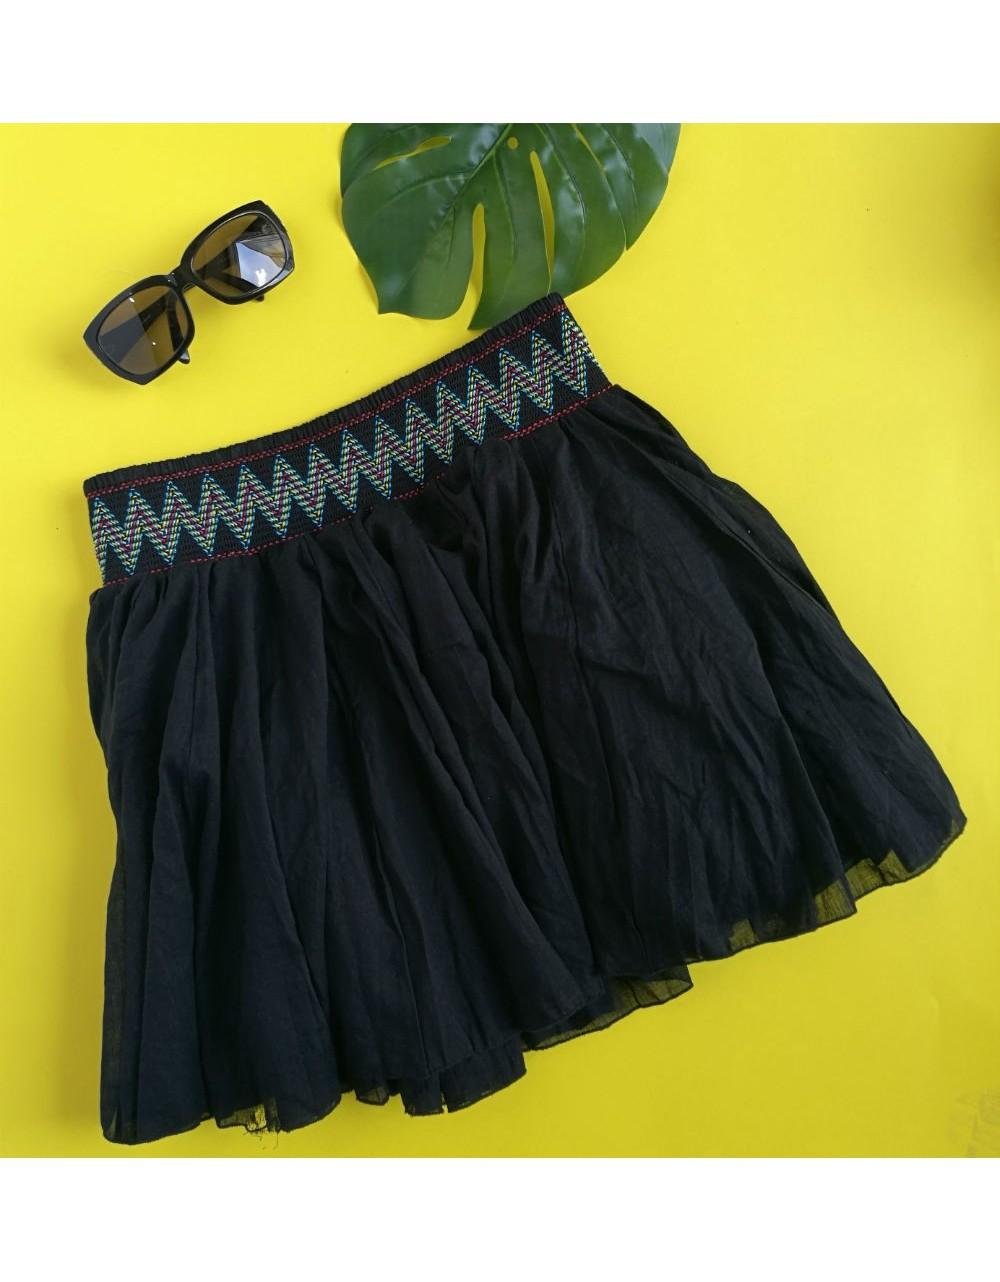 Crna mini suknja,šireg kroja sa cik-cak vezom u različitim bojama na pojasu. HUNKEMOLLER